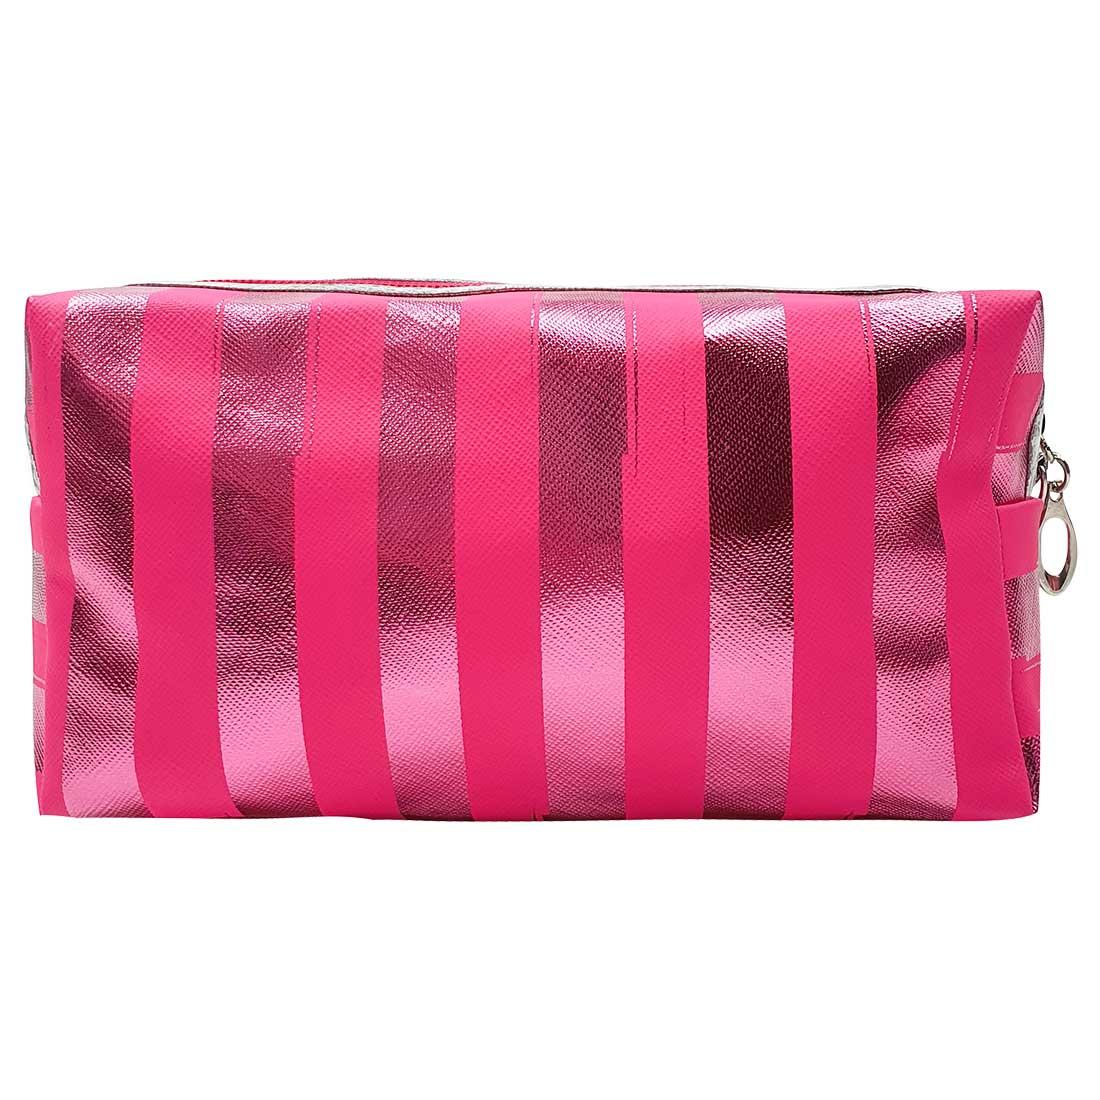 Necessaire Listrada - Rosa e Pink